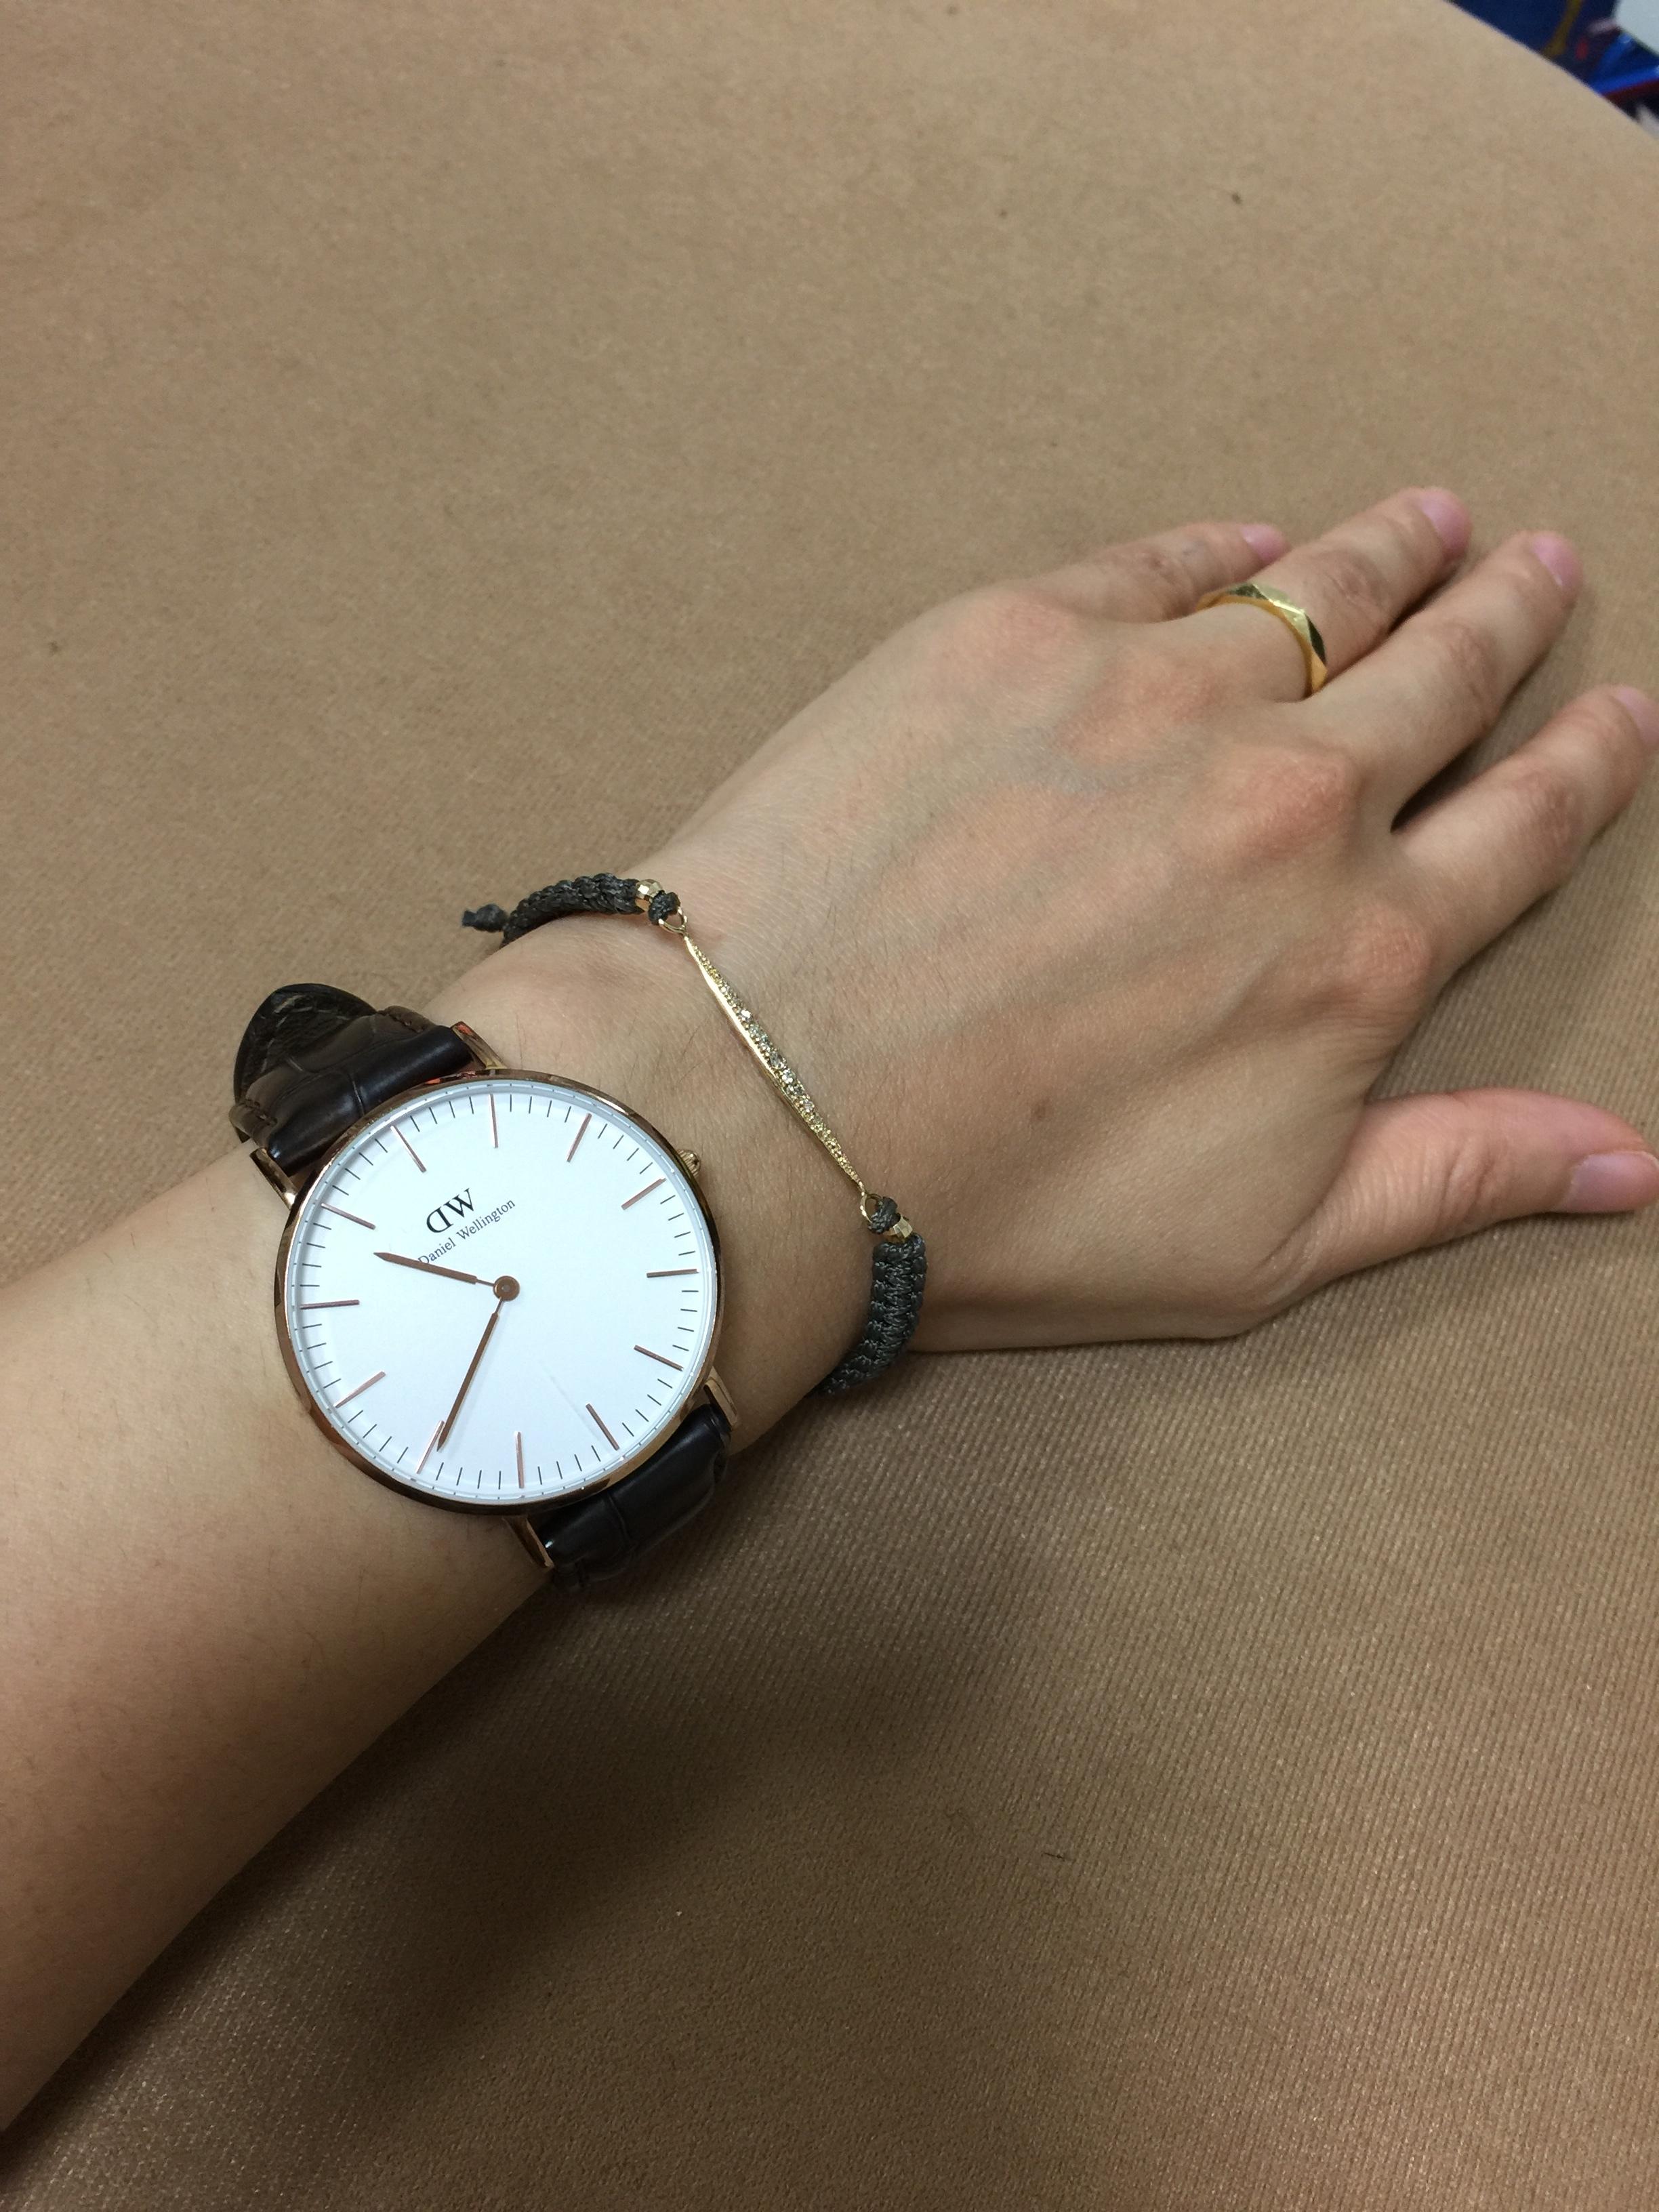 ヘビロテするのは、ダニエル・ウェリントンの腕時計【SHOP Marisol】_1_1